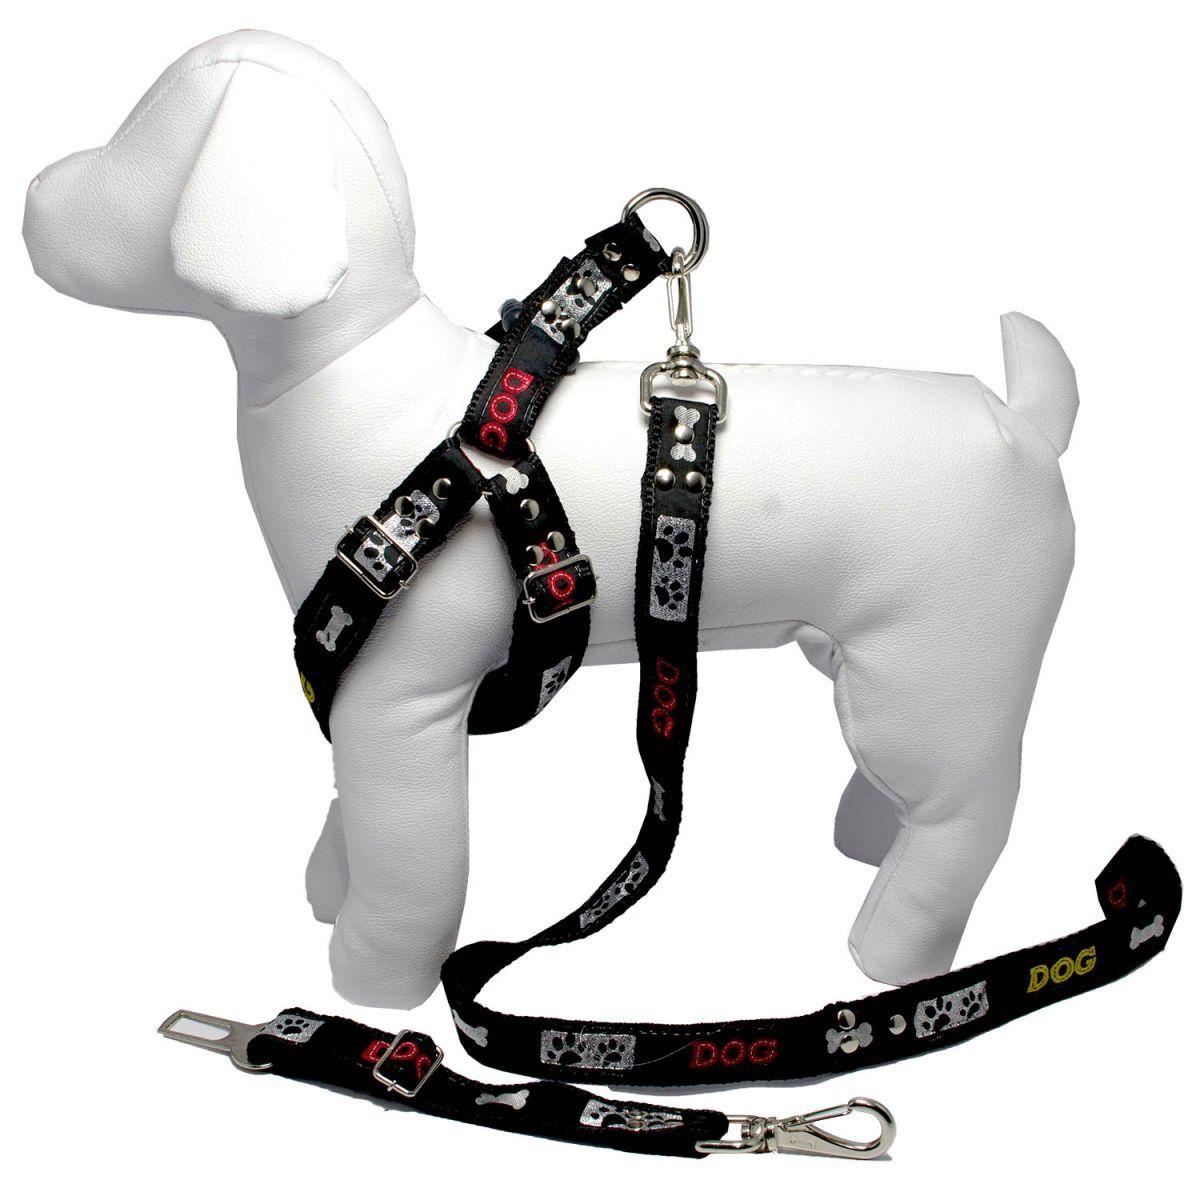 Coleira Peitoral Cachorro Porte Menor Guia Adaptador Cinto Segurança Tamanho M - Cor Preta